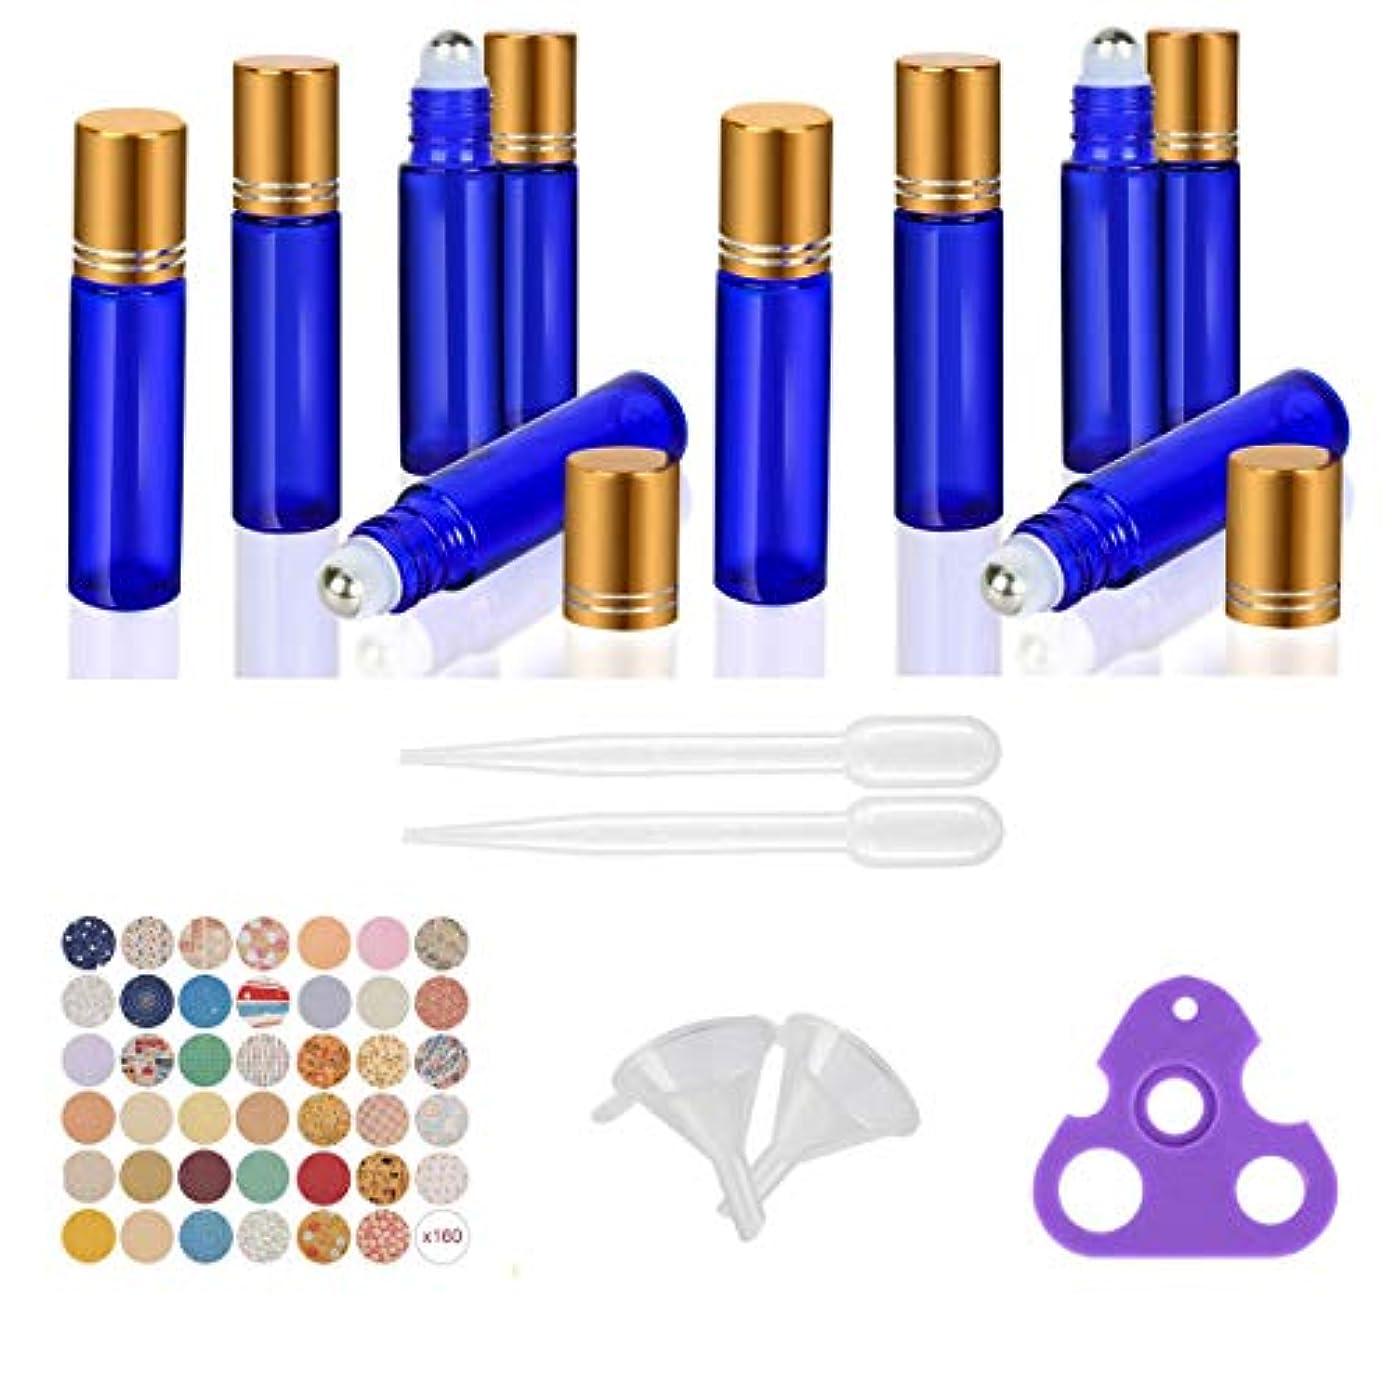 震え肌寒い自動的にSAGULU ロールオンボトル 遮光瓶 アロマオイル 精油 香水やアロマの保存 詰替え 小分け用 10ml 10本セット (ブルー)